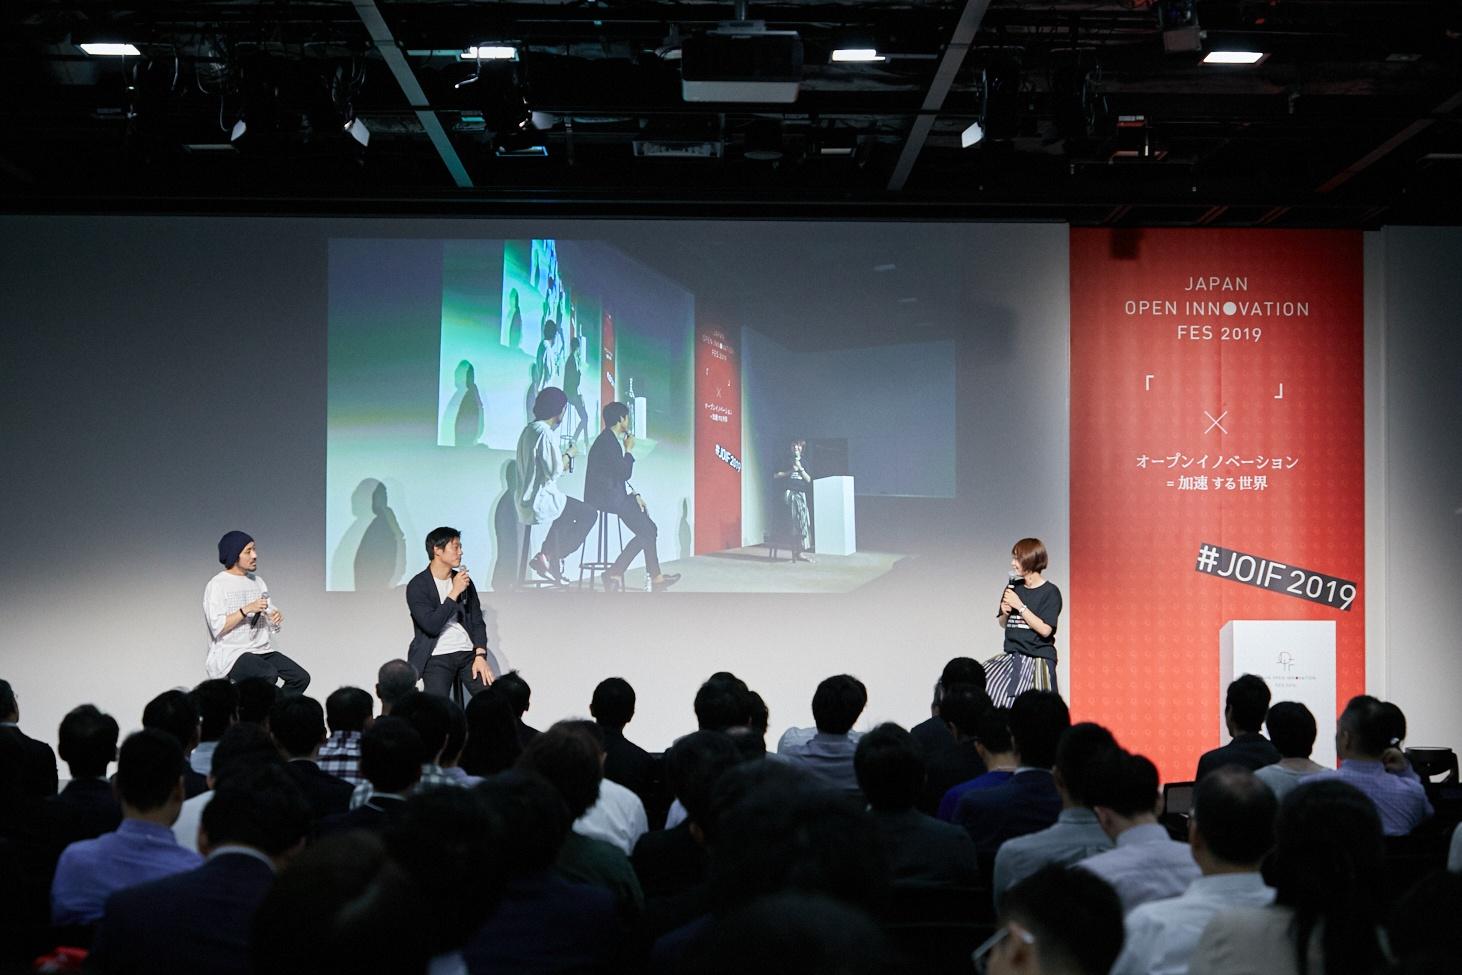 人口減少社会はネガティブな要素ではない――。「個の時代」を迎えた日本社会、企業間連携で未来を切り拓くための発想とは?